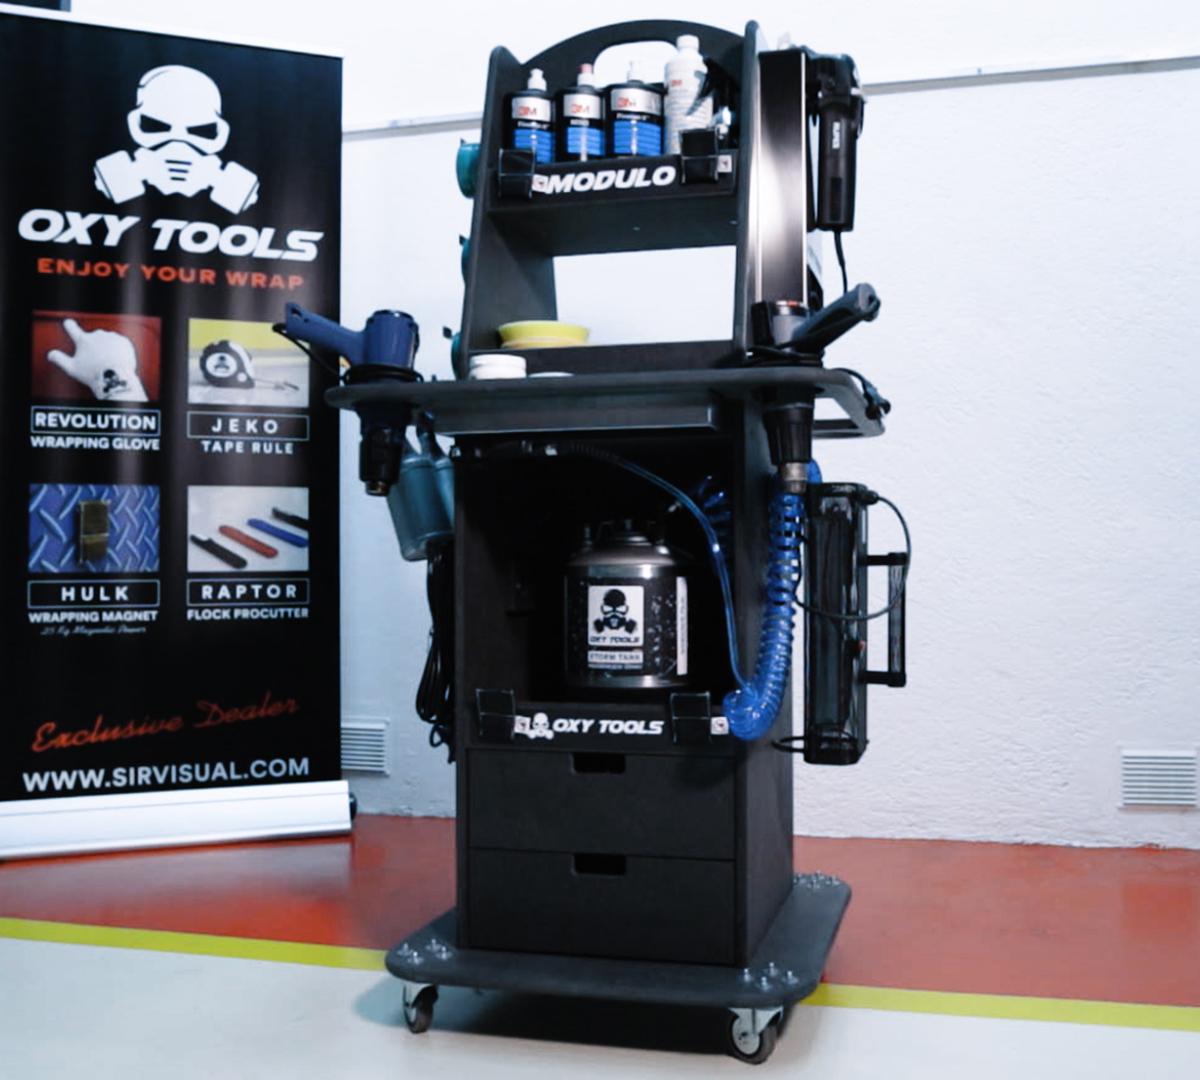 rampe-oxy-tools--gal4